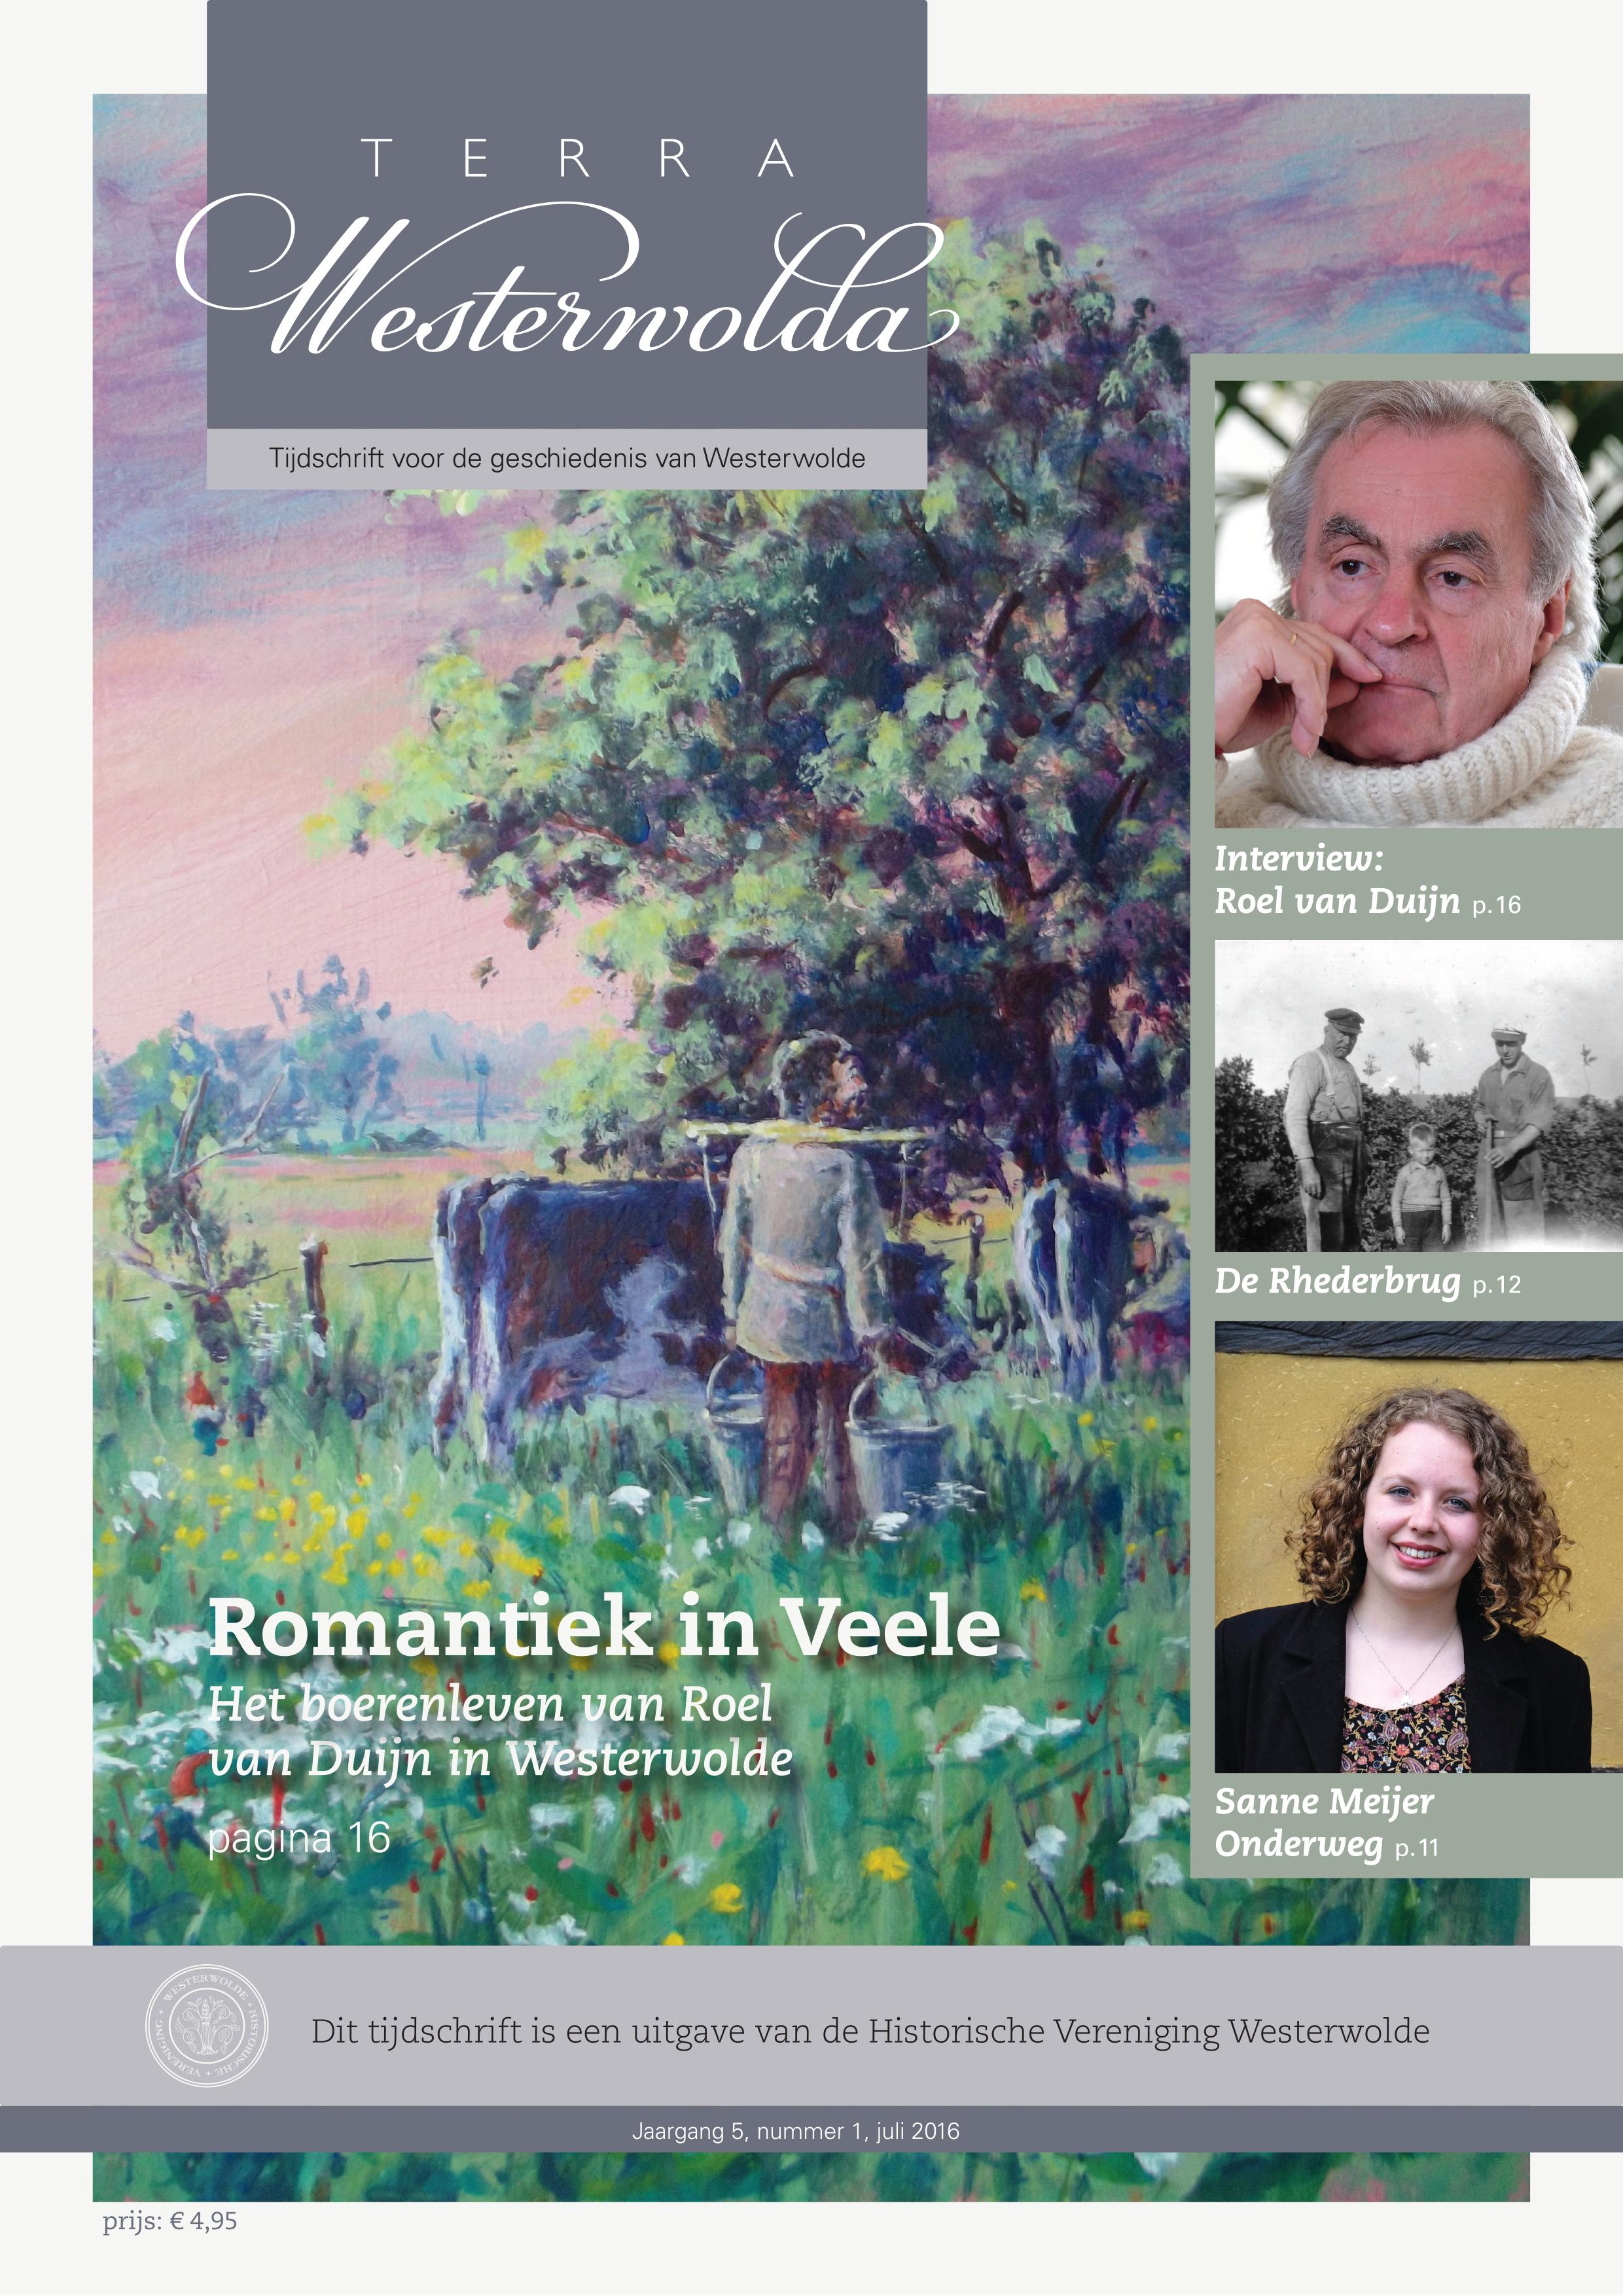 Cover vernieuwde Terra Westerwolda. Juli 2016